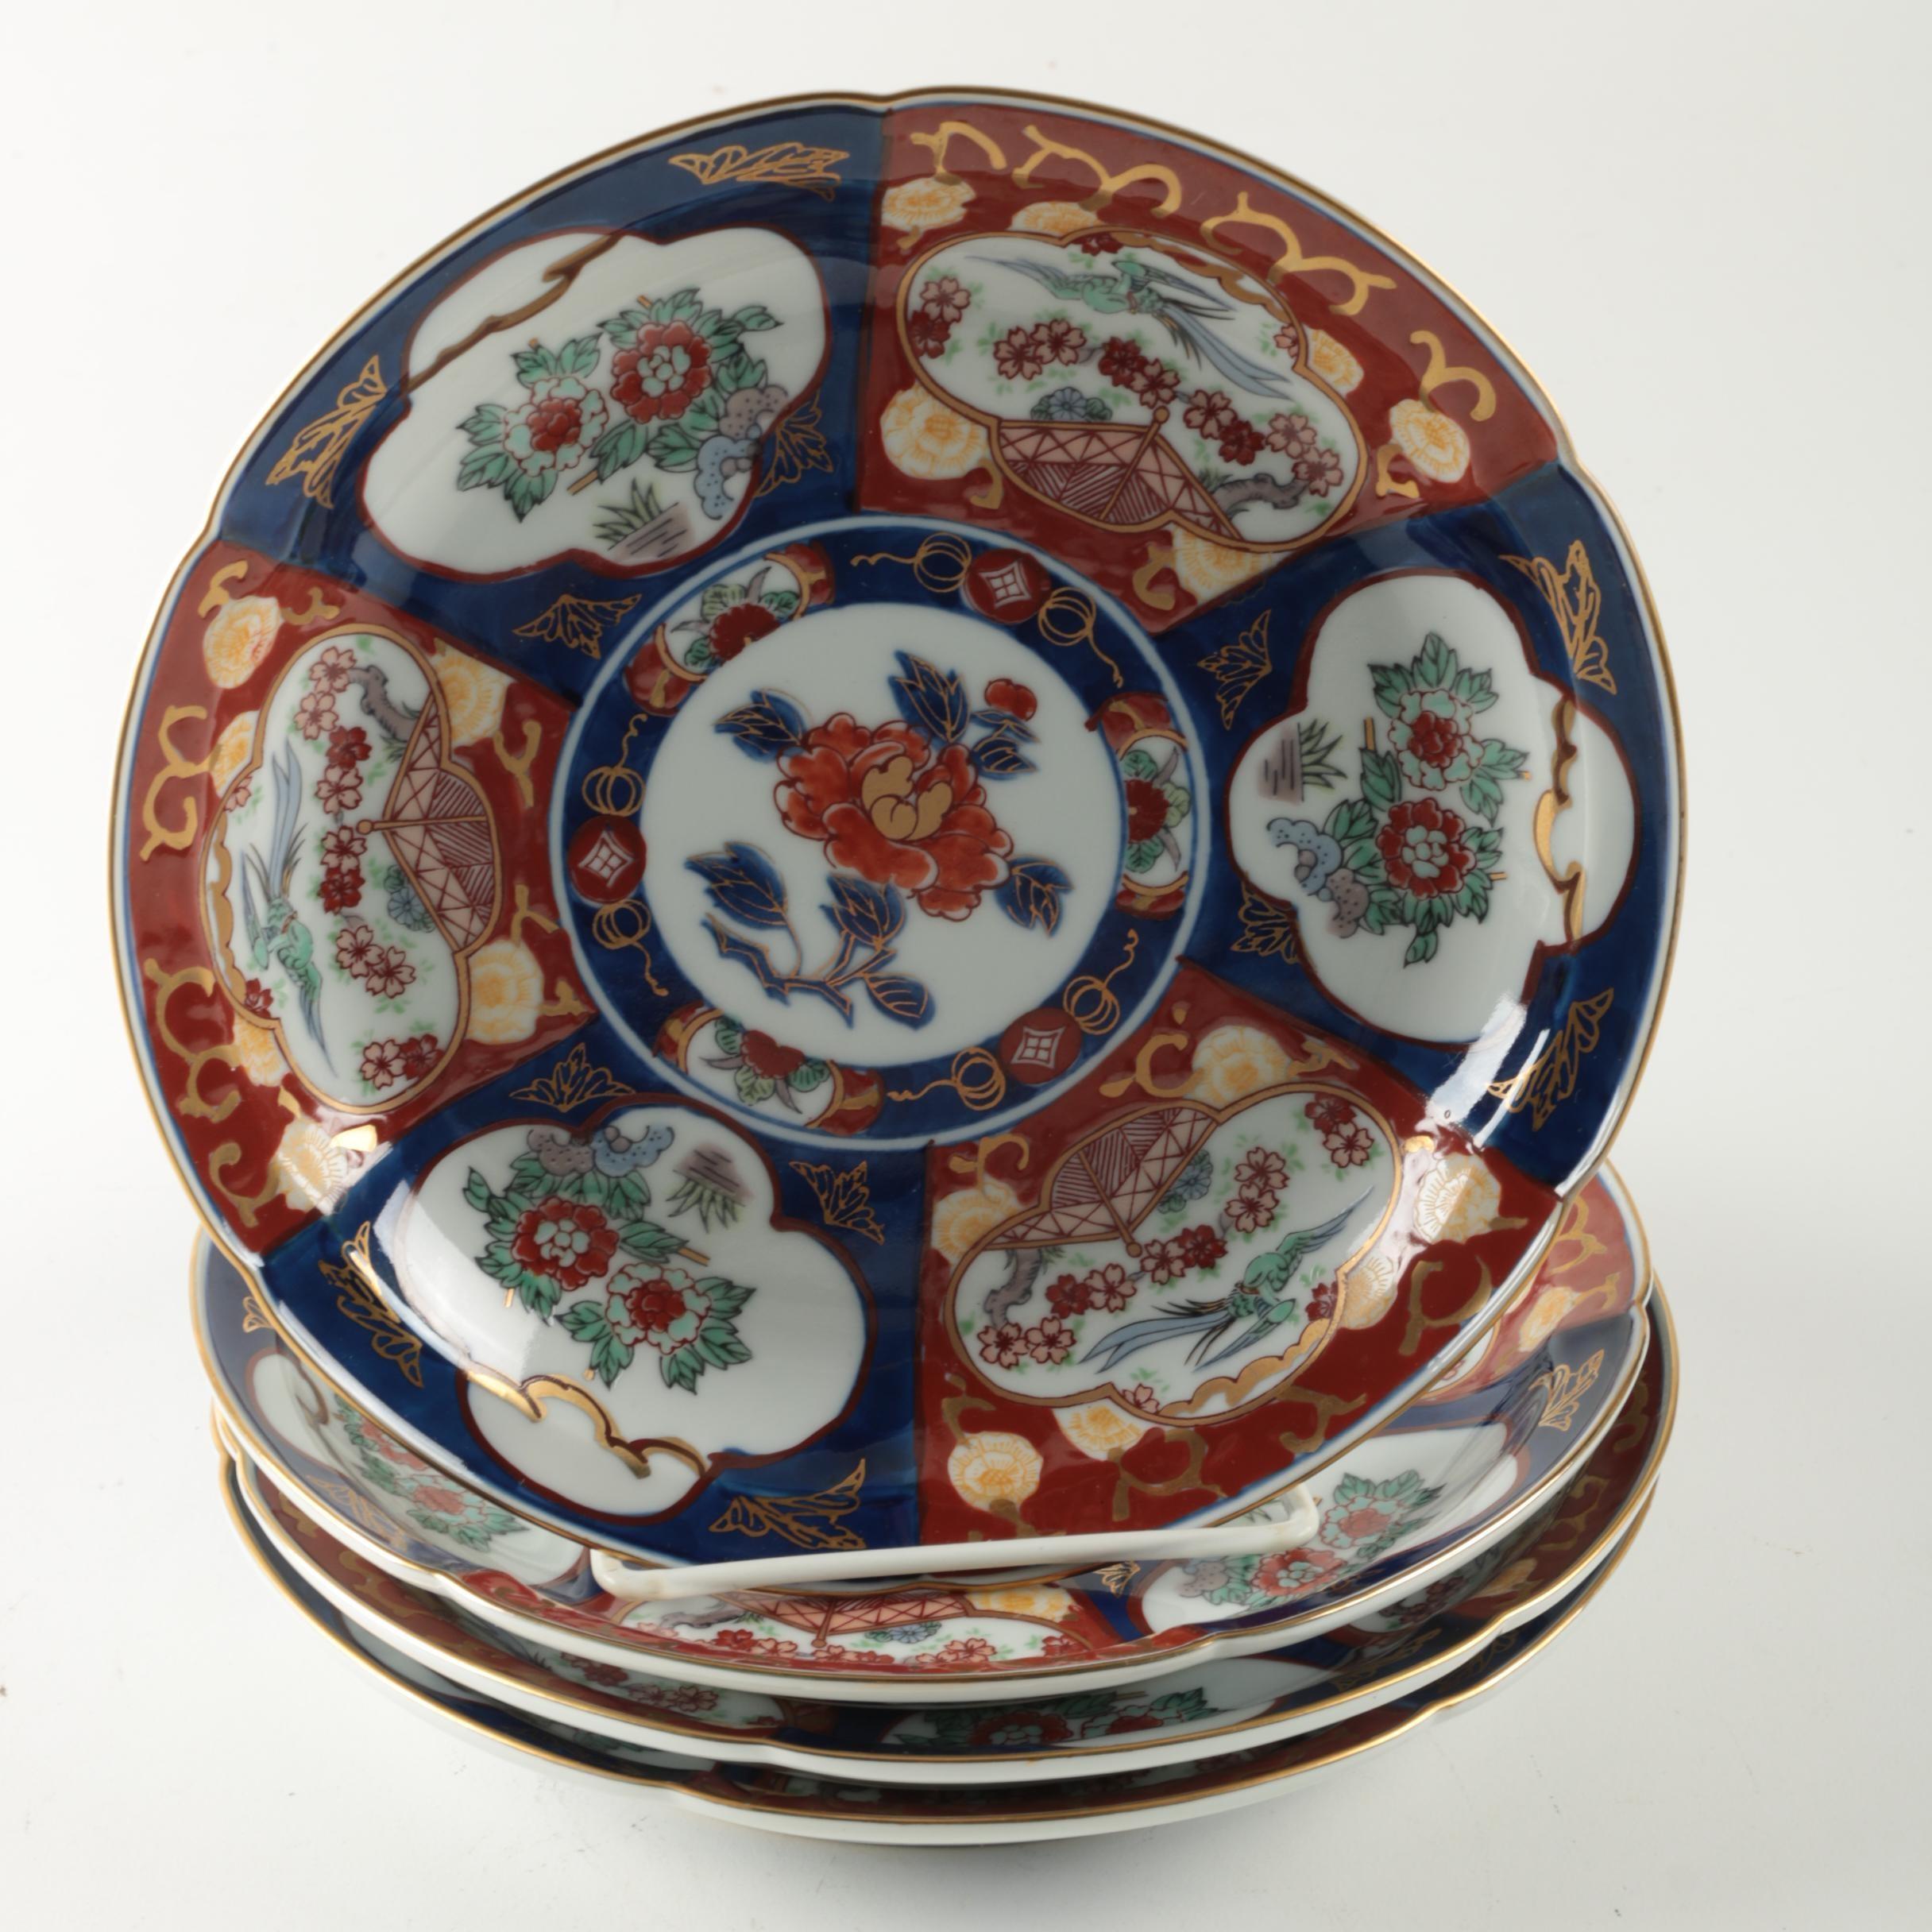 Japanese Imari Ware Plates